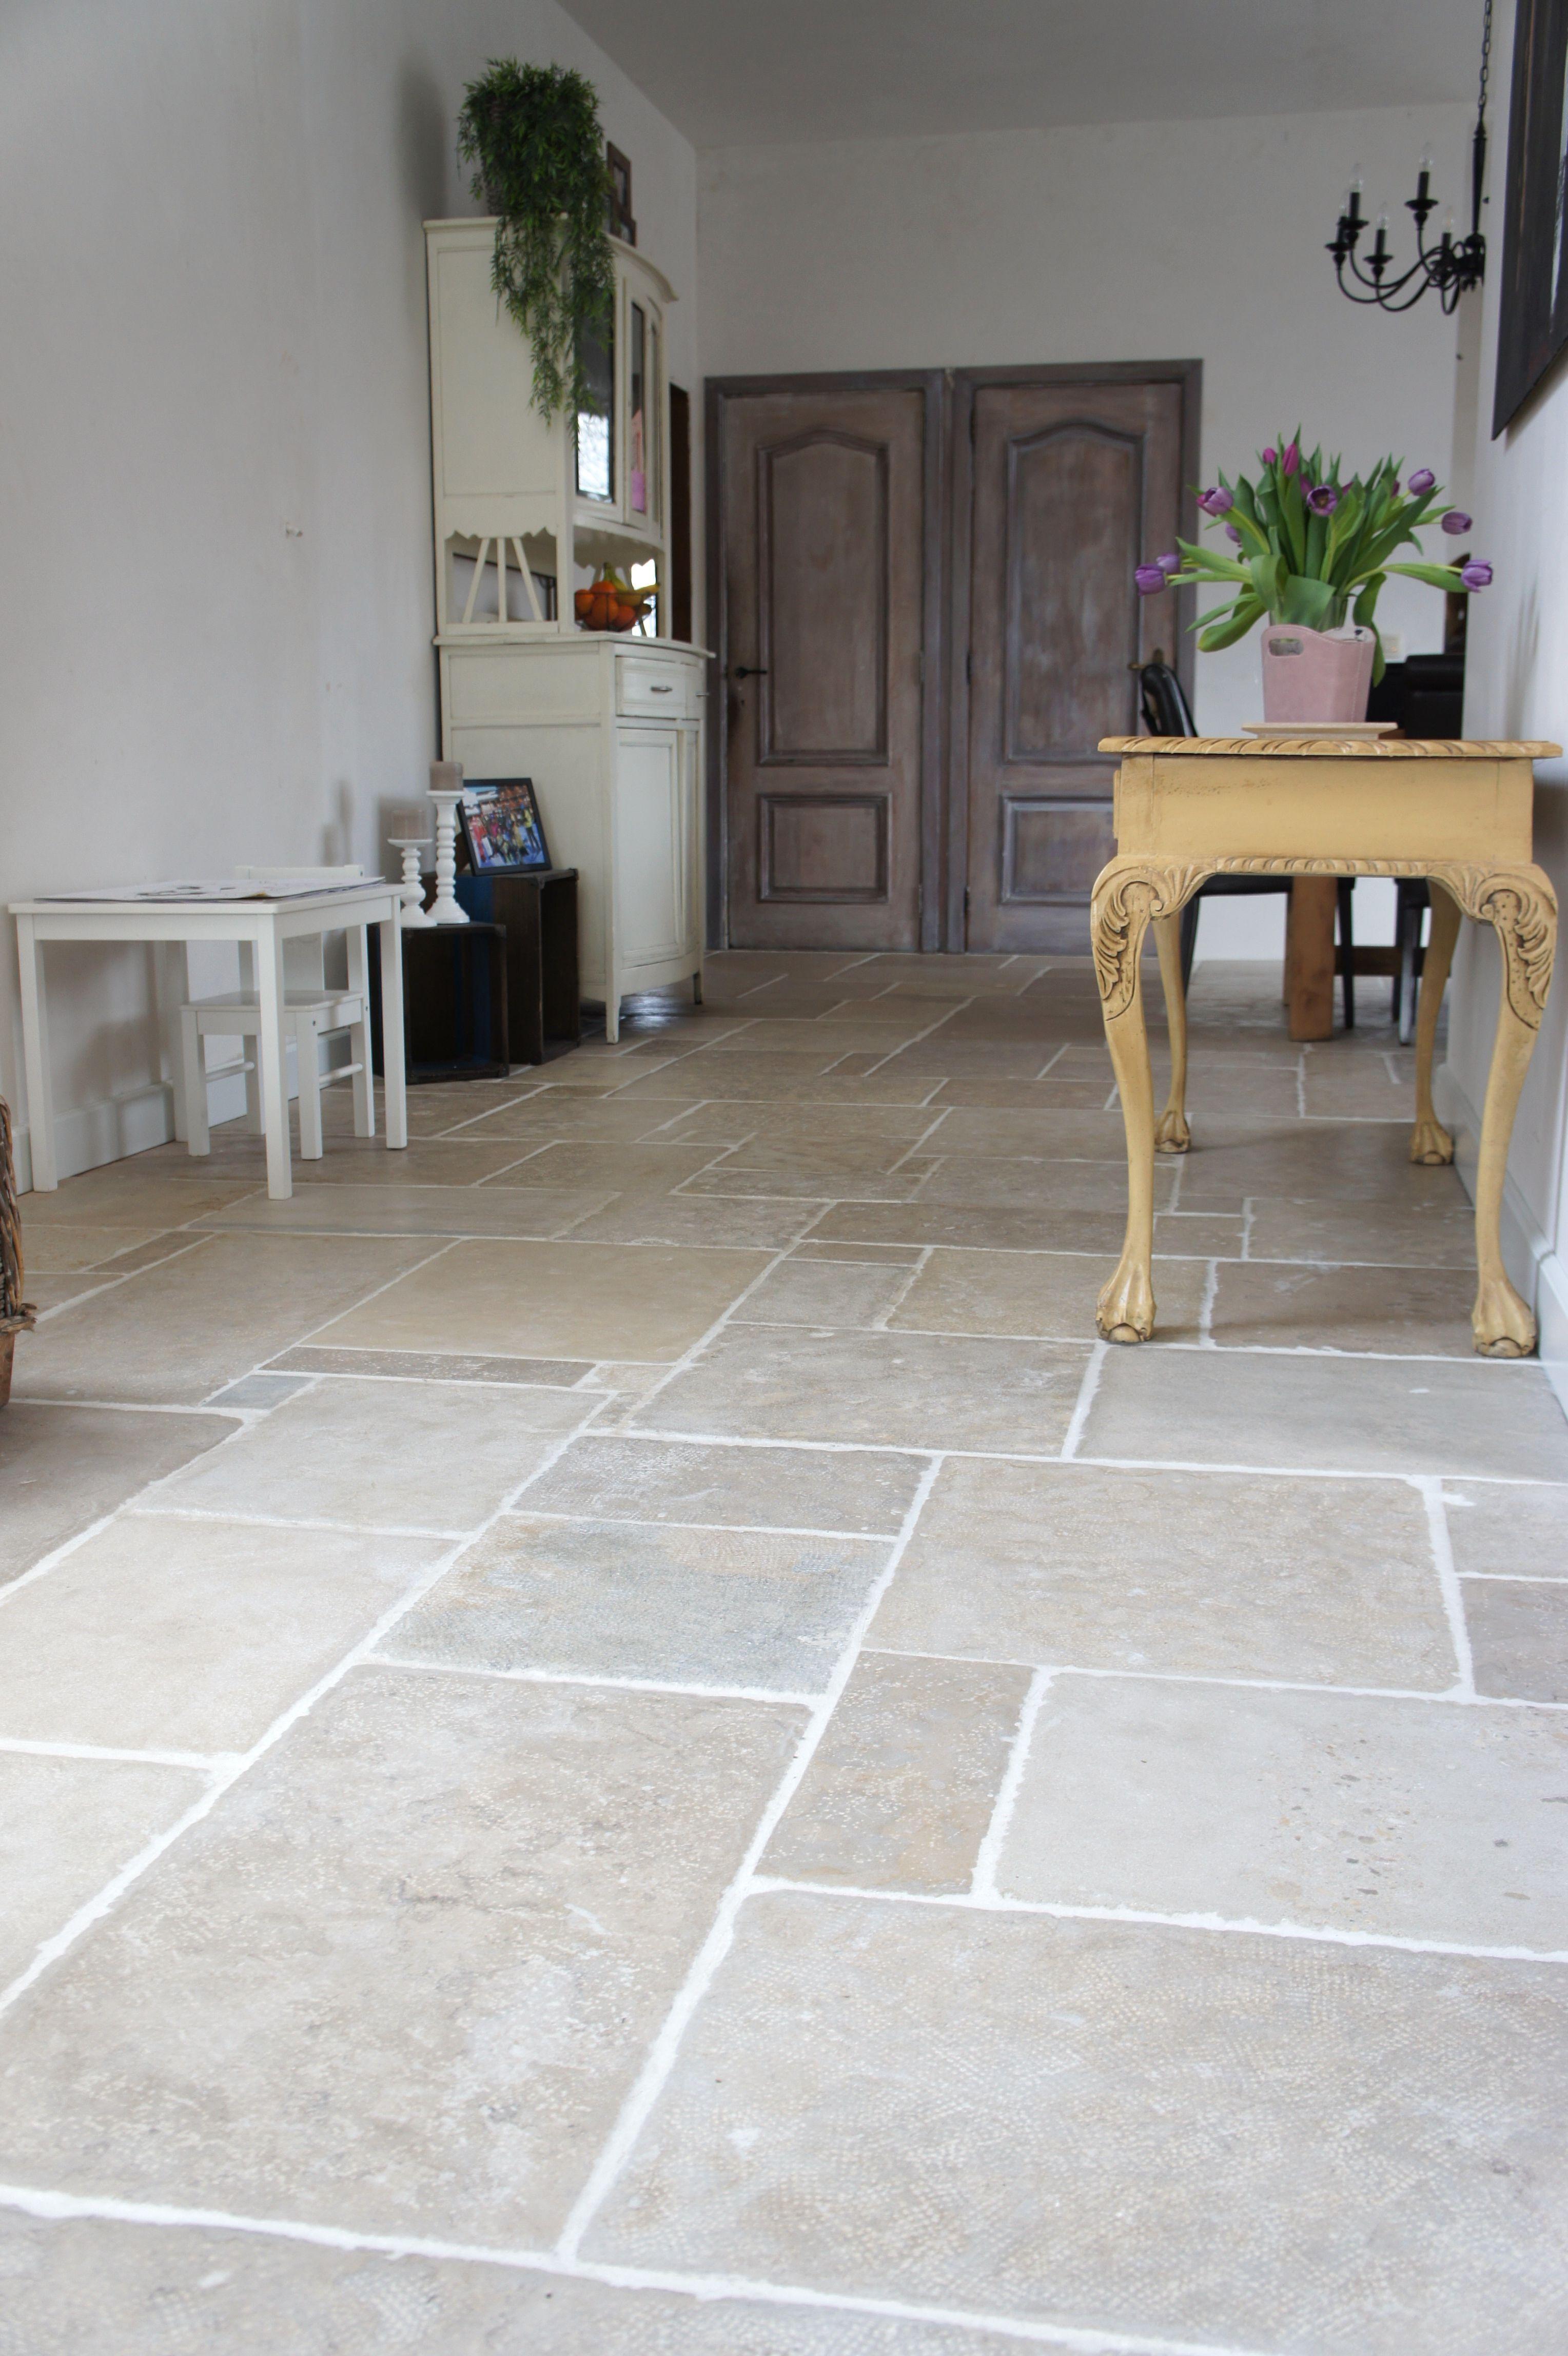 42 Beautiful Kitchen Floor Tile Ideas Kitchenfloortileideas Kitchen Checkerboard Kitchen Floo Bathroom Tile Floor Designs Kitchen Floor Tile Kitchen Flooring